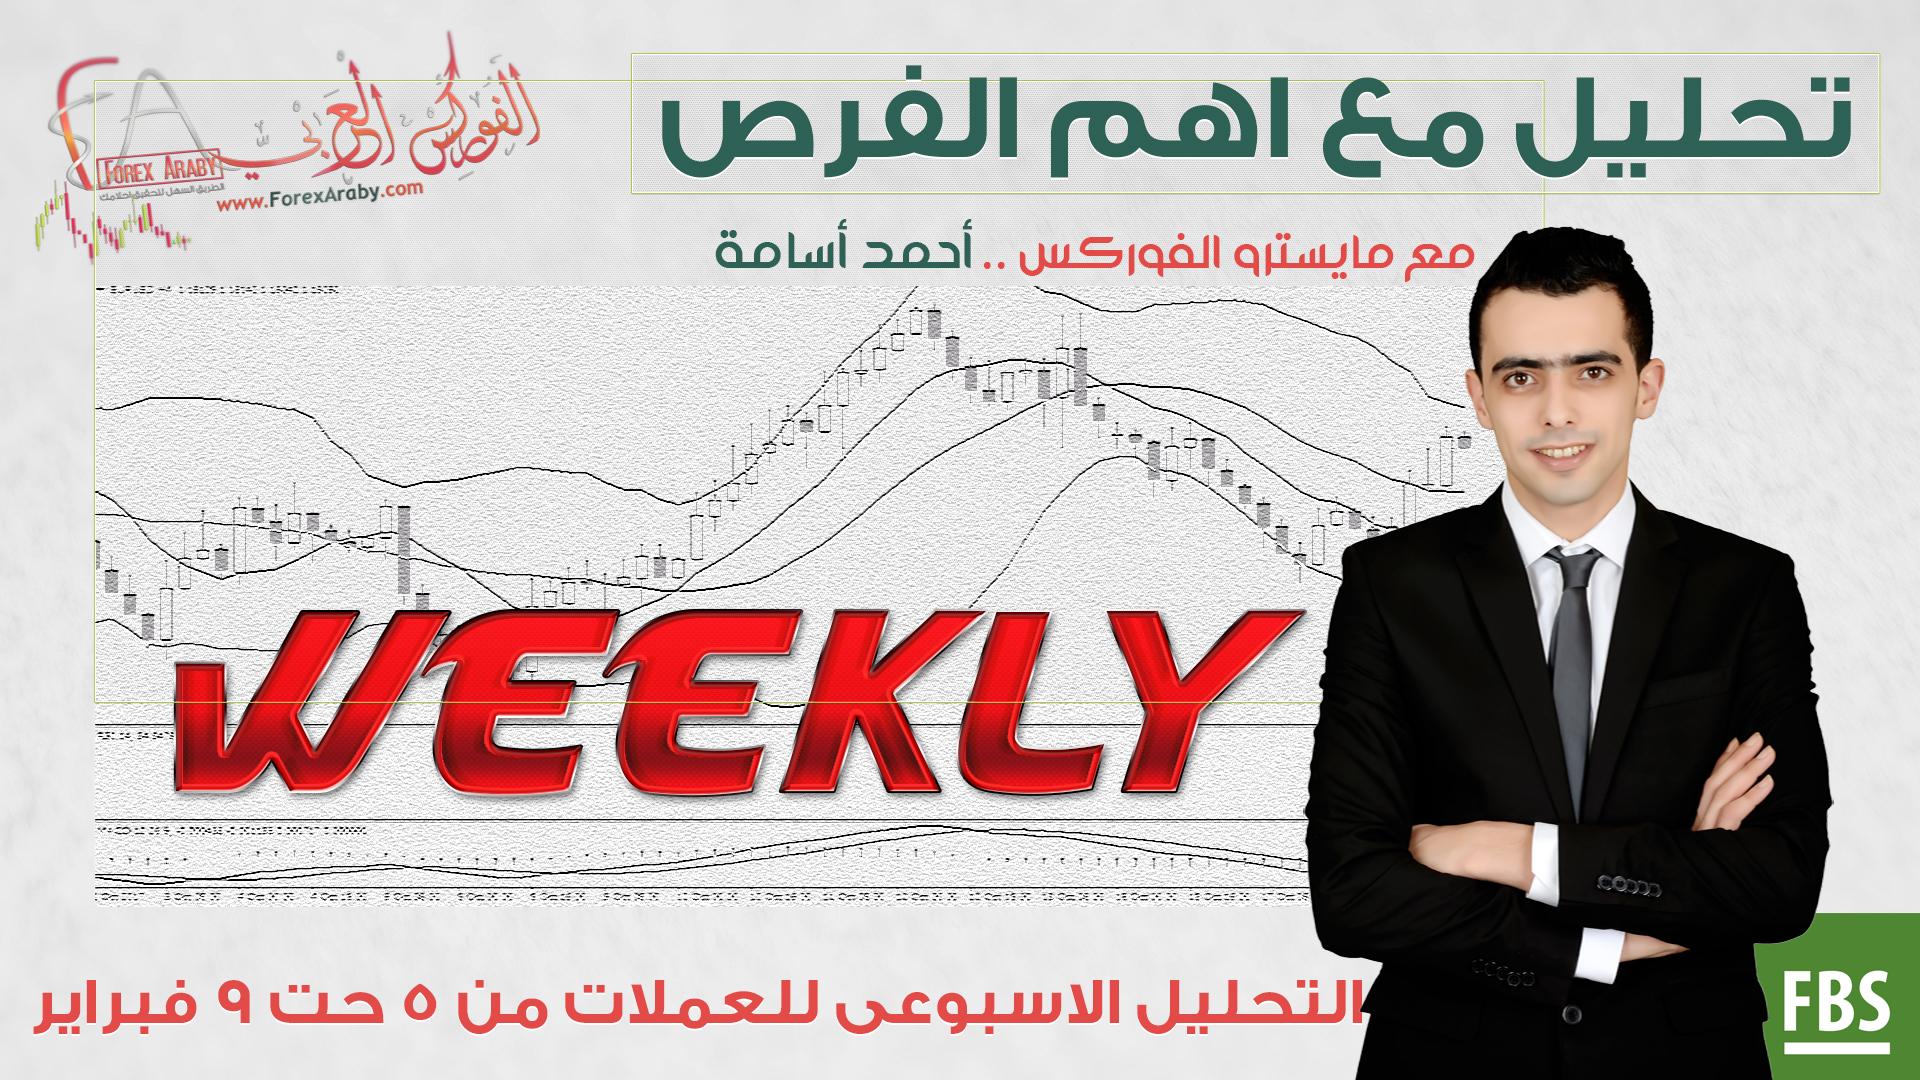 التحليل الاسبوعى للعملات من 5 حتى 9 فبراير وأهم فرص التداول